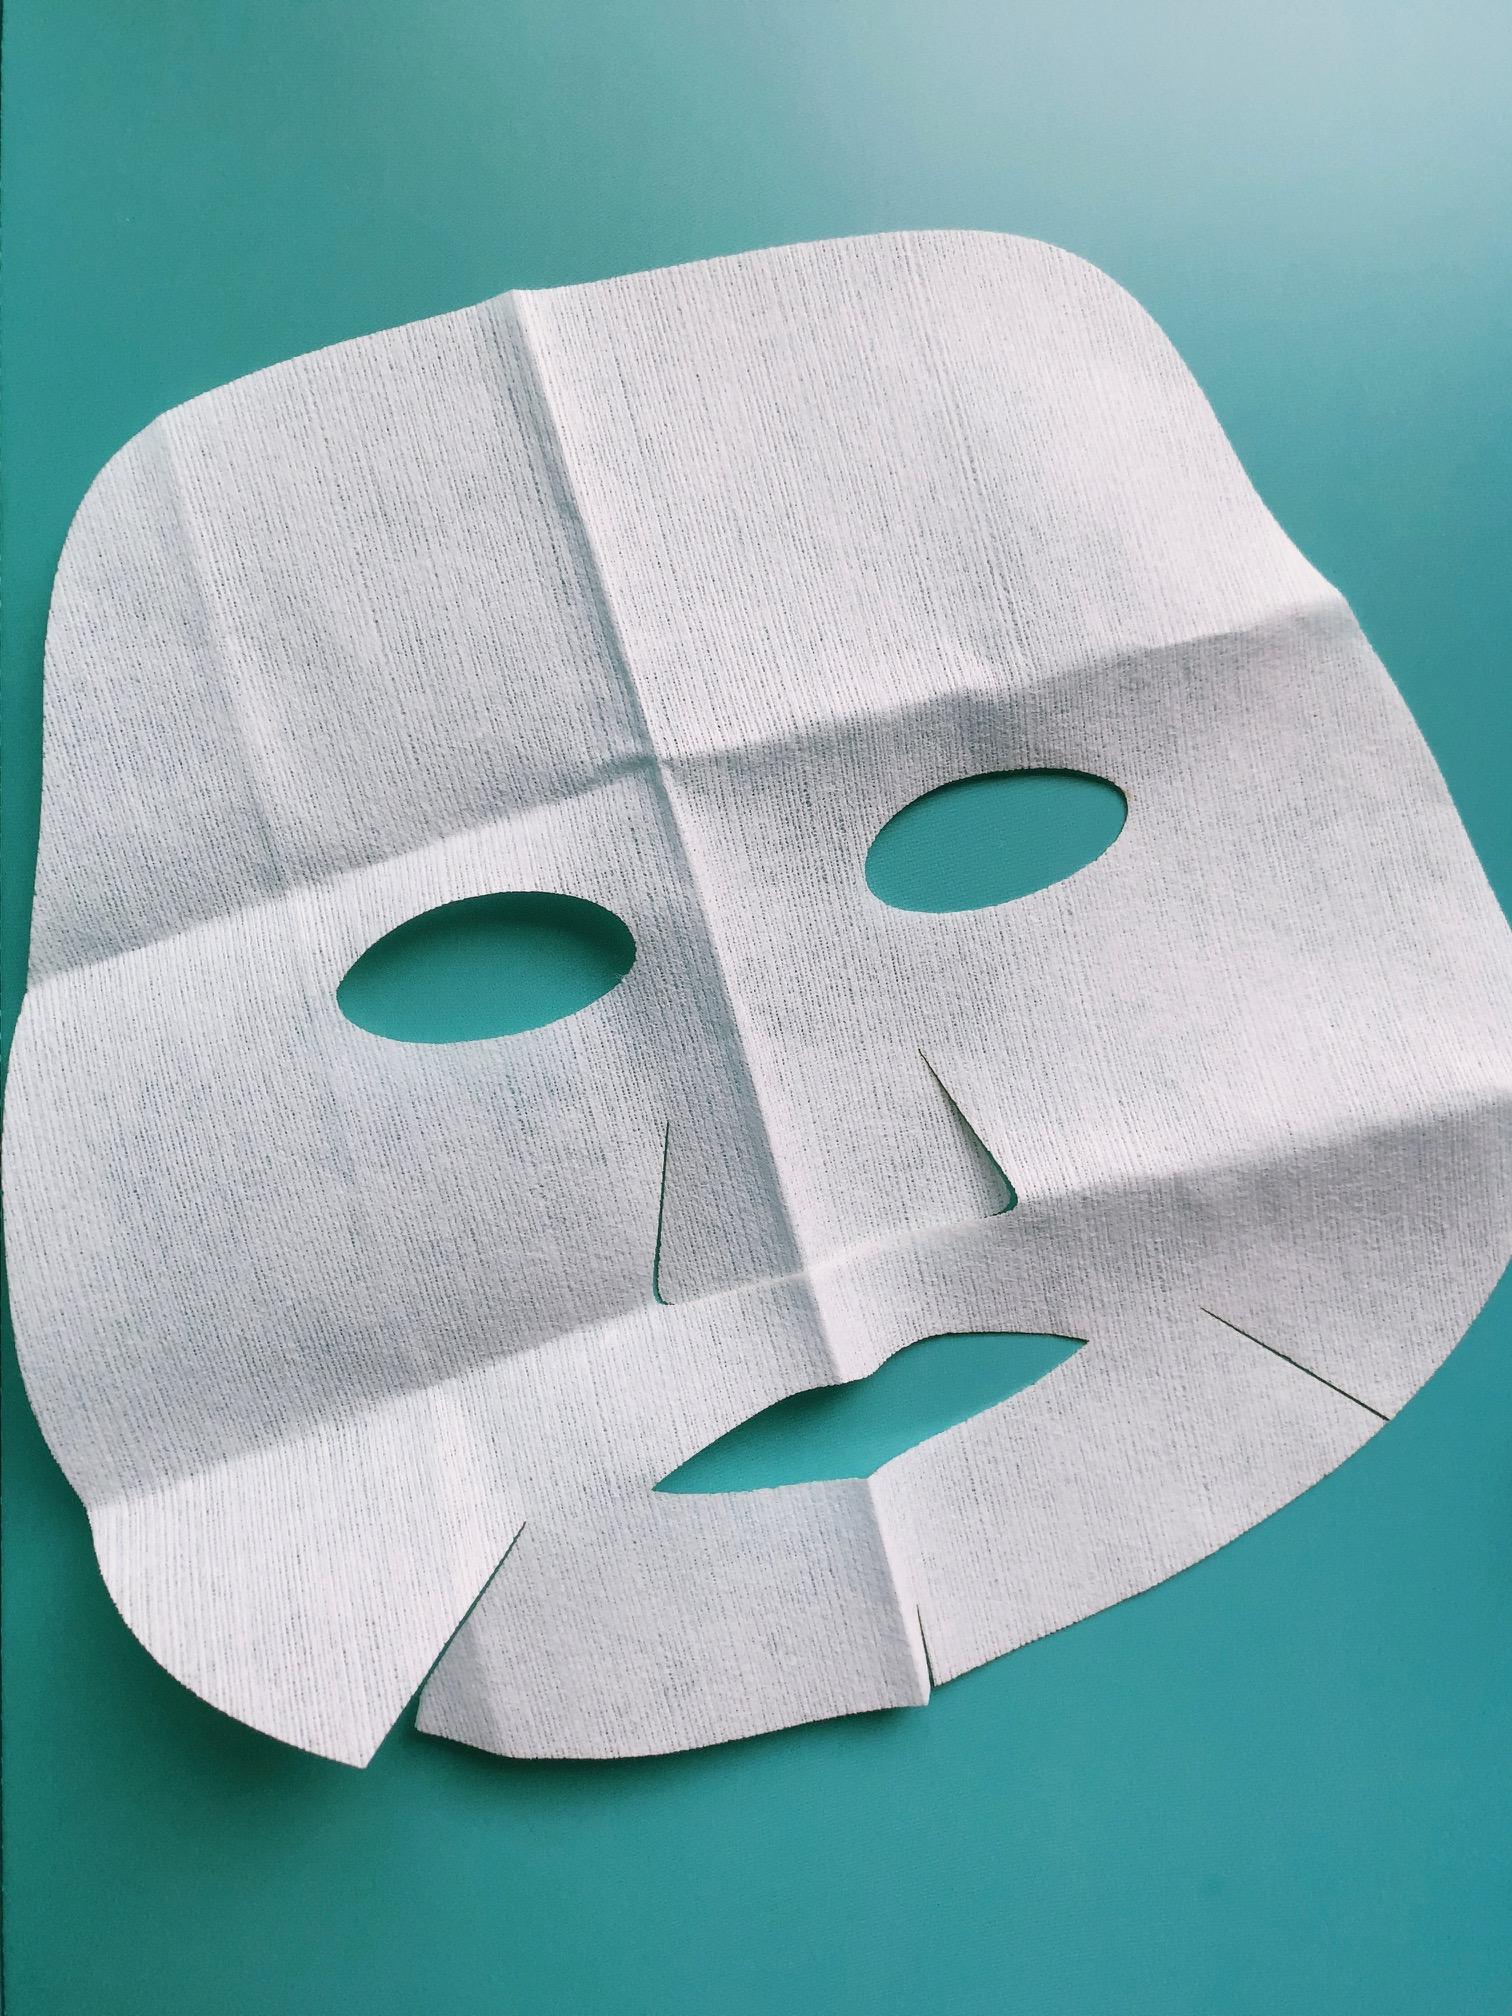 【KOSÉ】一人ひとりに合った《シートマスク》を《3Dスキャン×レーザー》で無料製作…!?_1